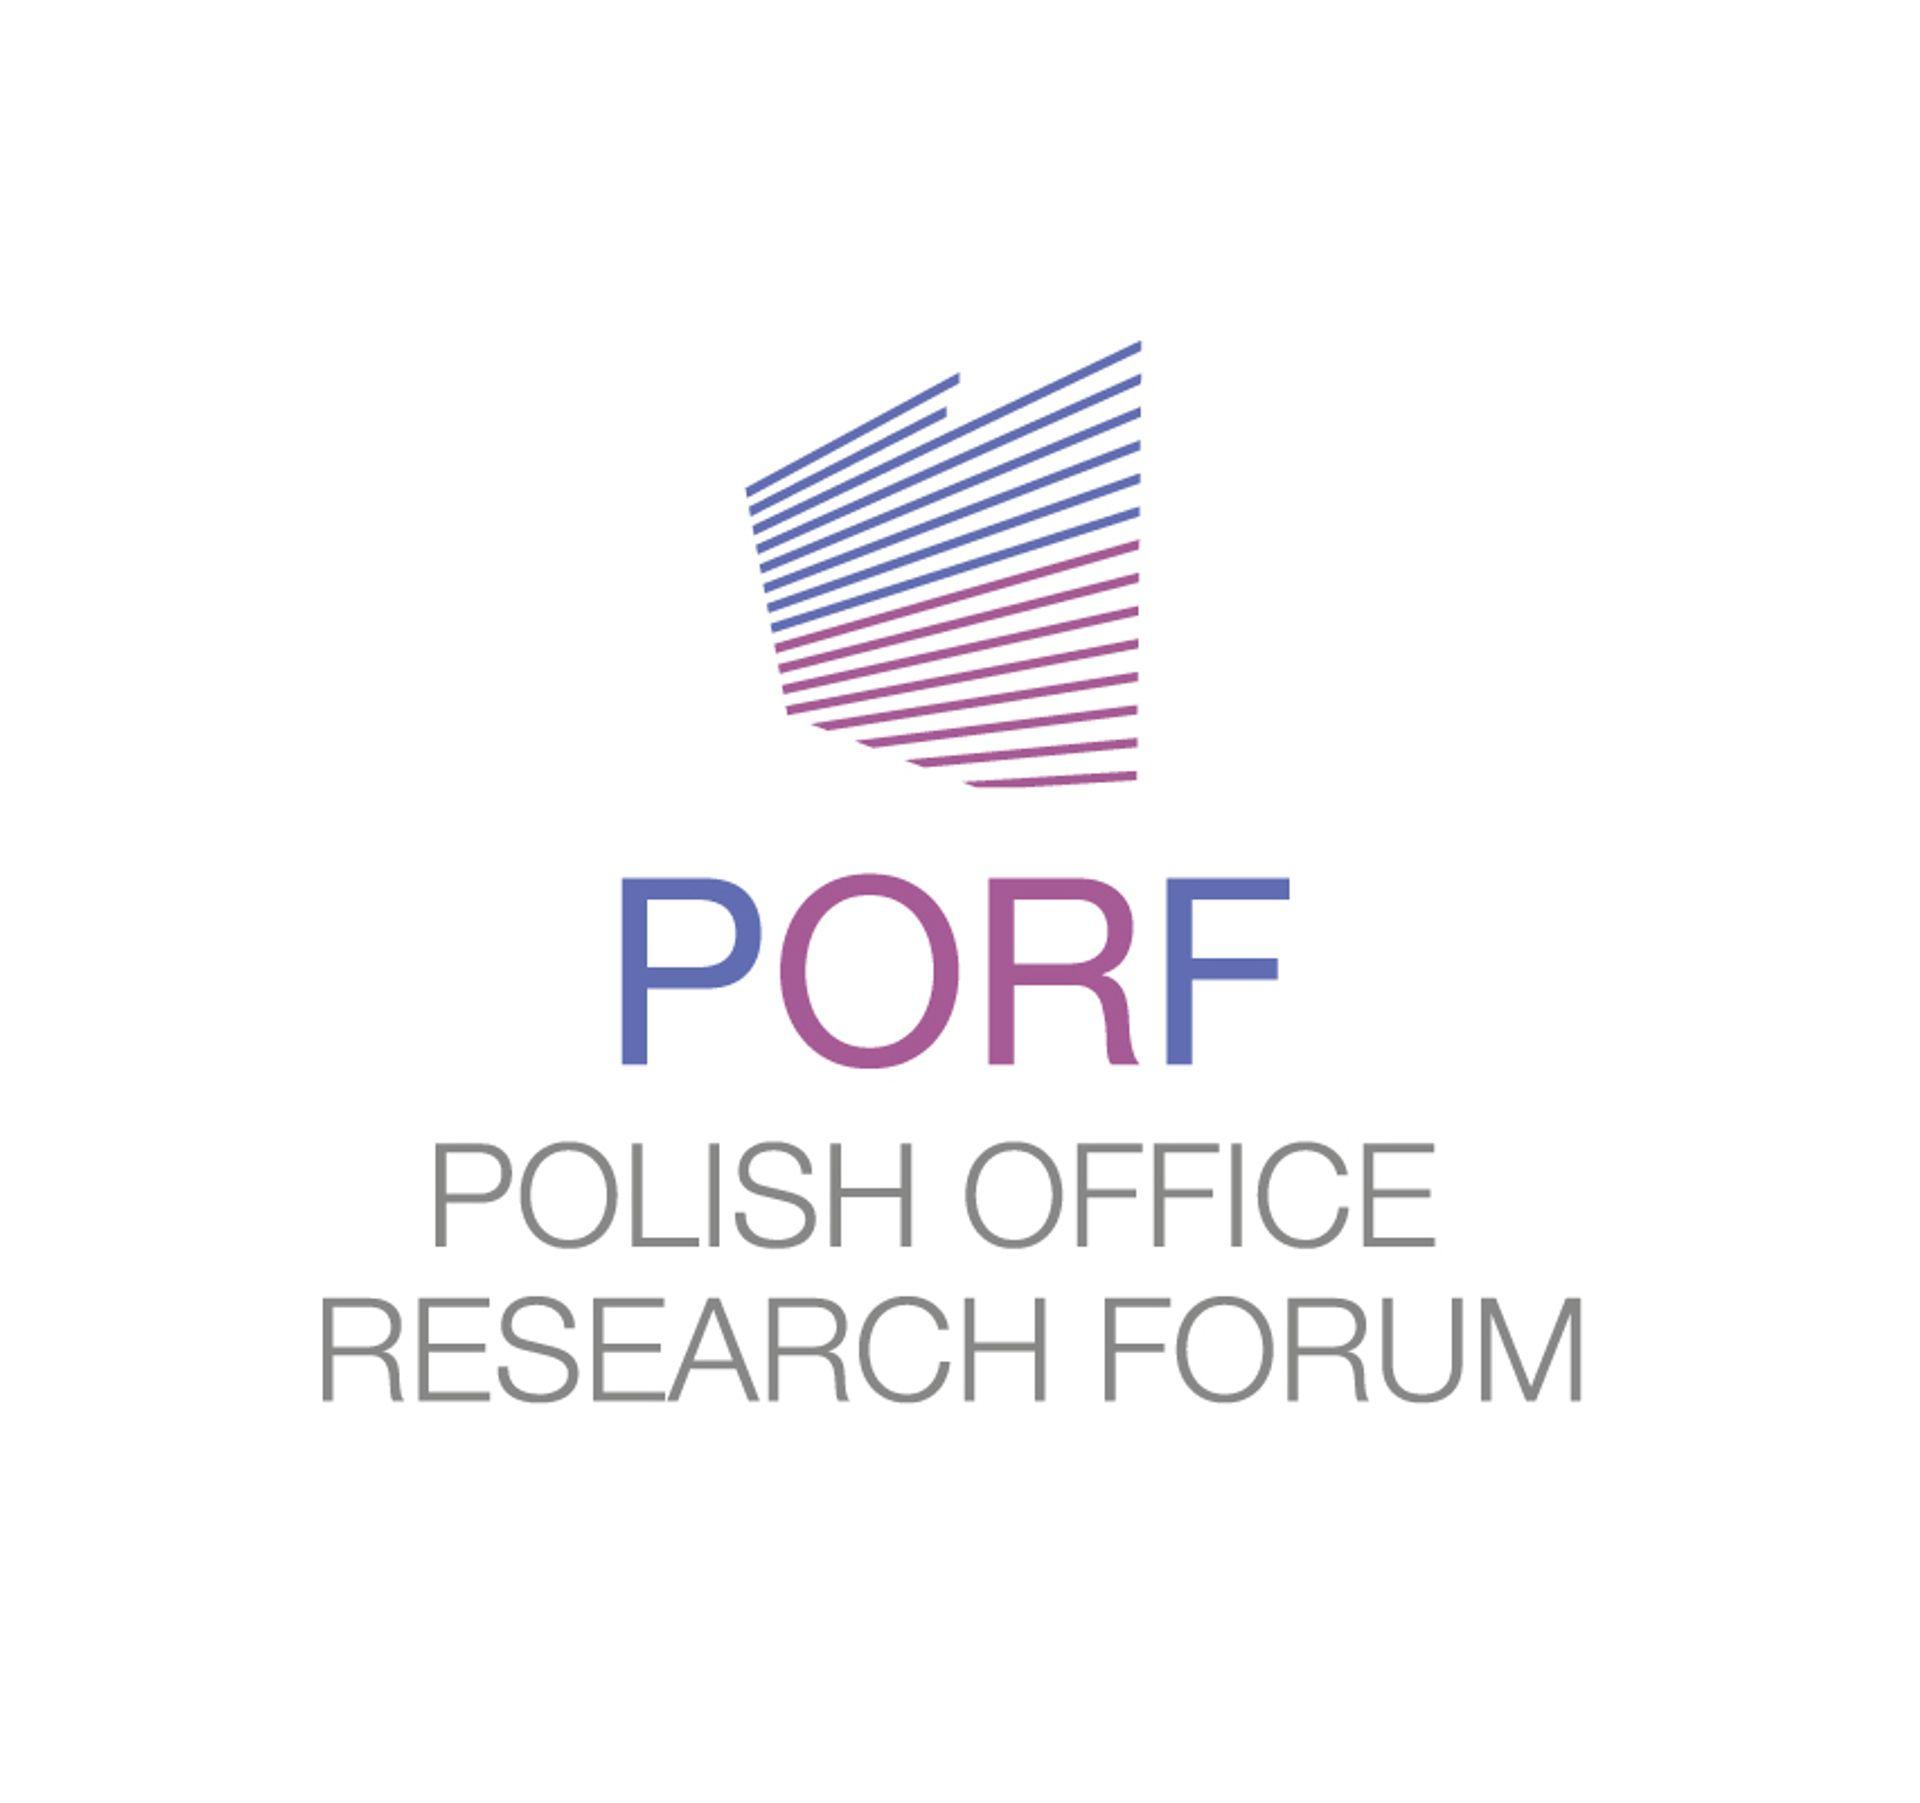 [Polska] PORF publikuje dane dotyczące rynku biurowego w miastach regionalnych za I półrocze 2016 roku